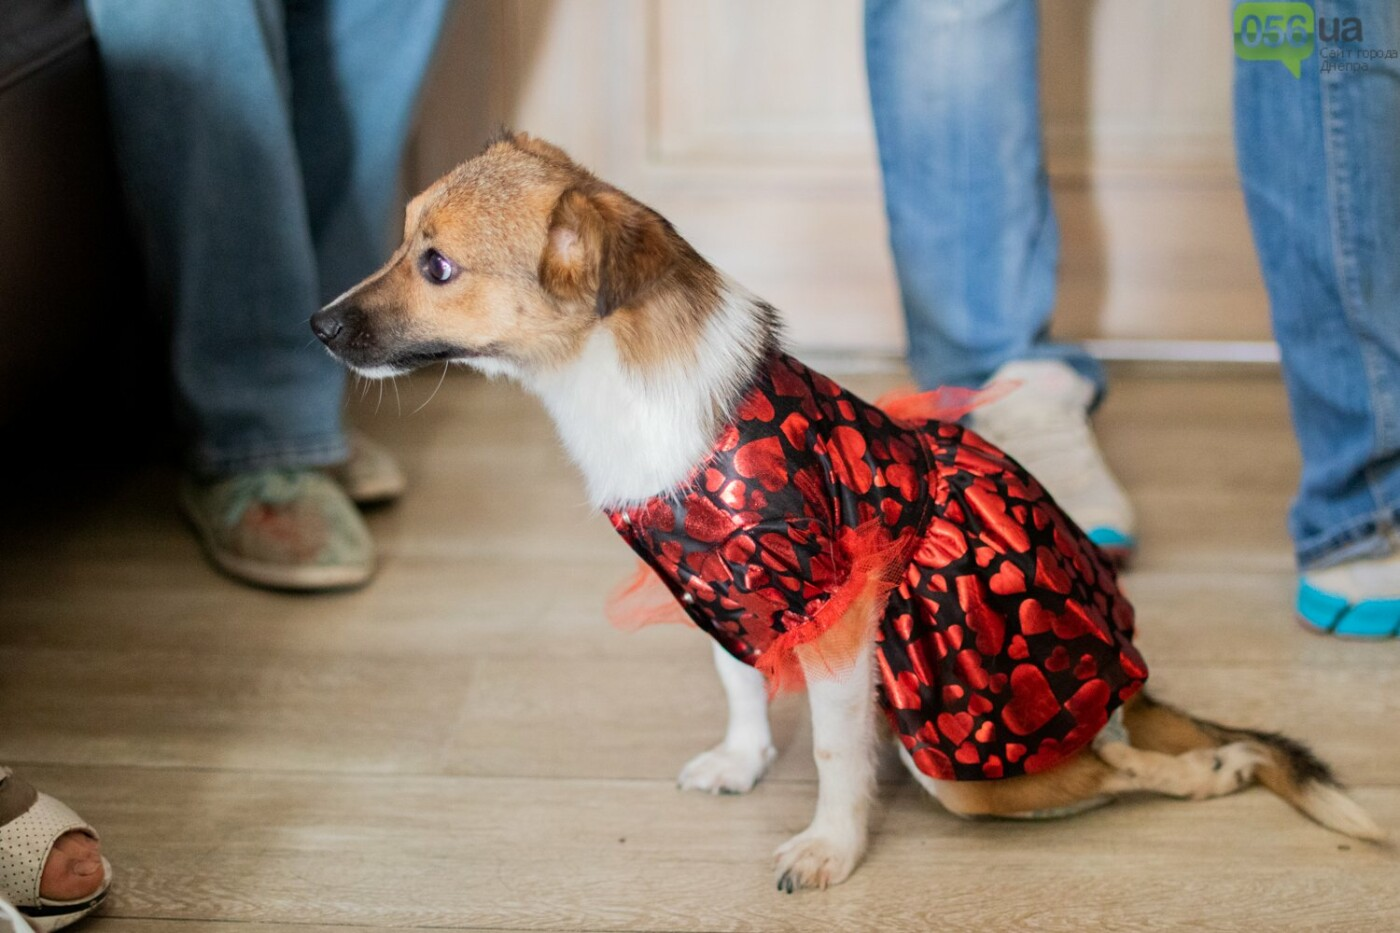 Собаки, кошки и морские свинки: как в Днепре прошел фестиваль домашних животных, - ФОТОРЕПОРТАЖ, фото-2